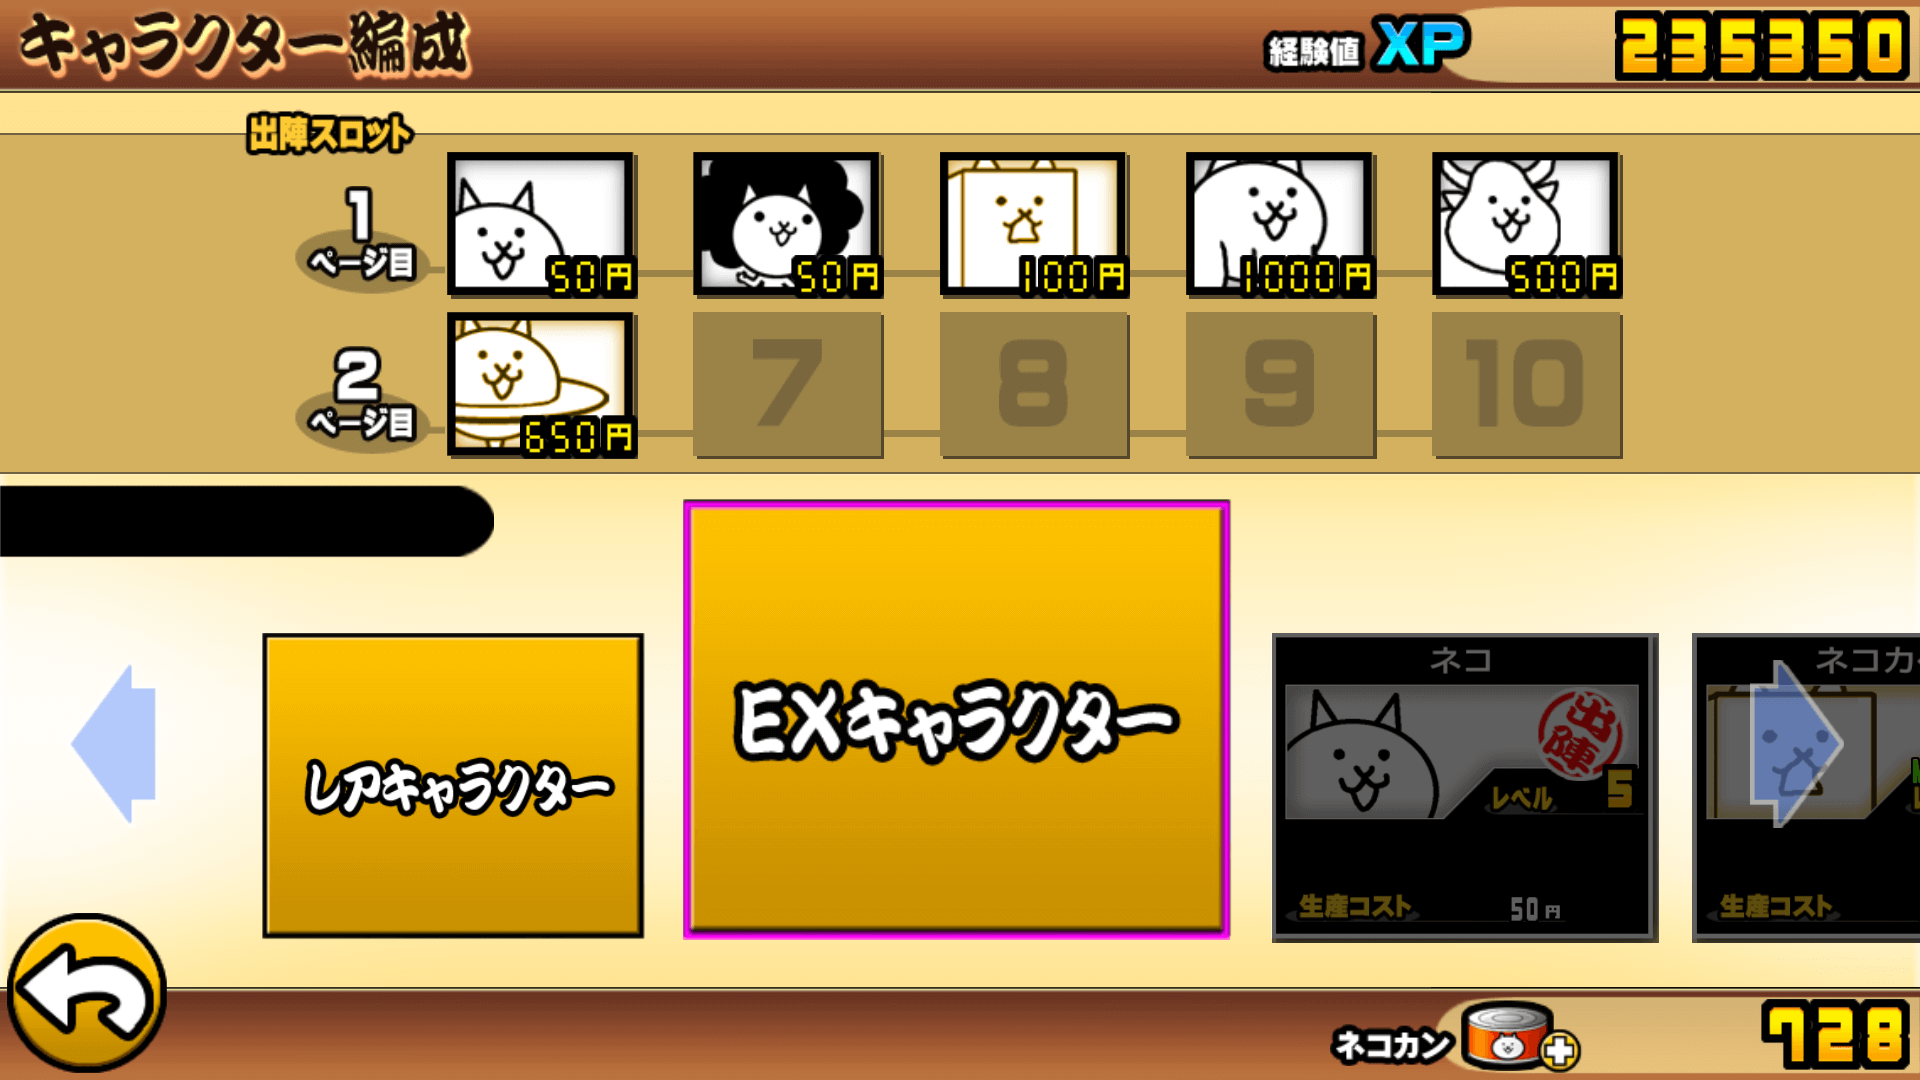 沖縄県で使用したネコ